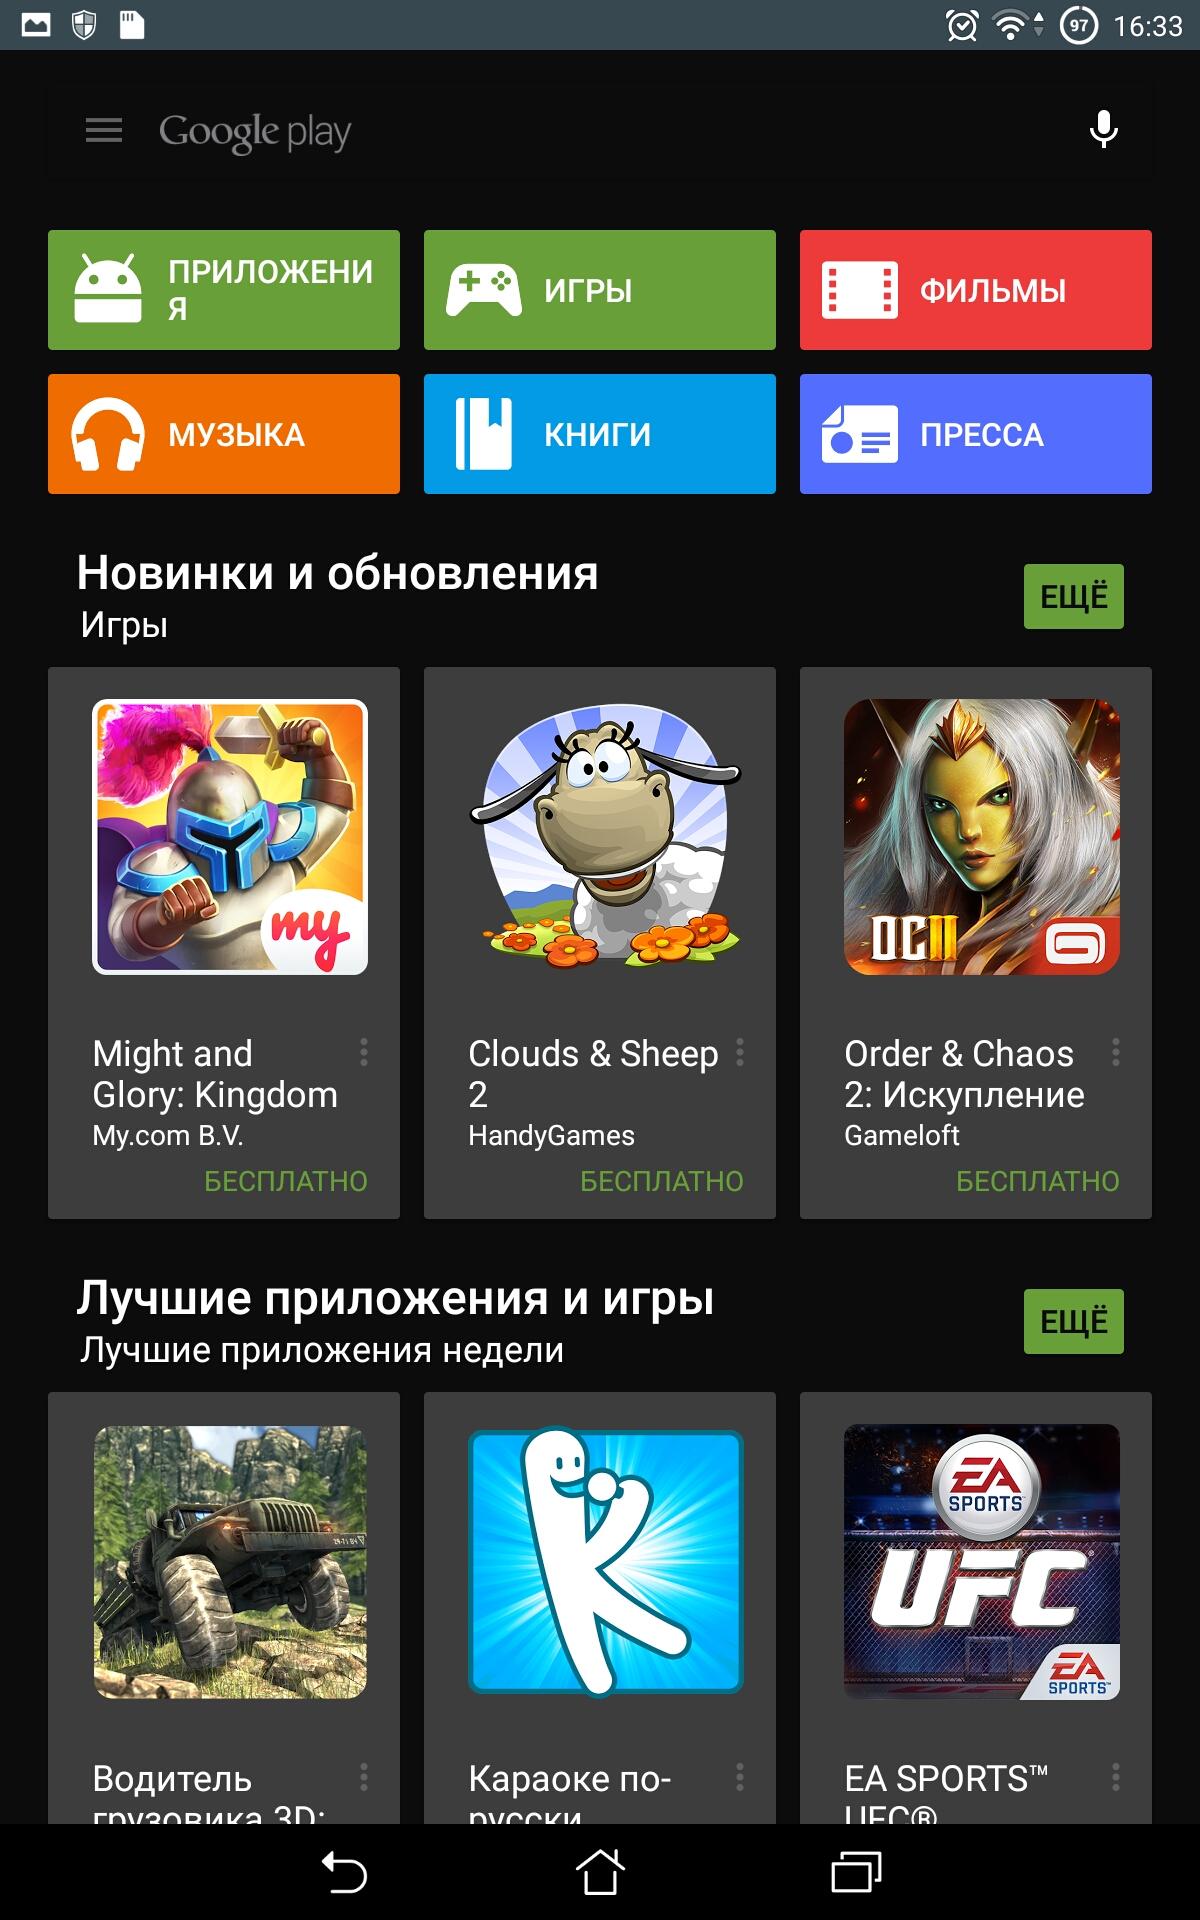 Google Play после небольших изменений